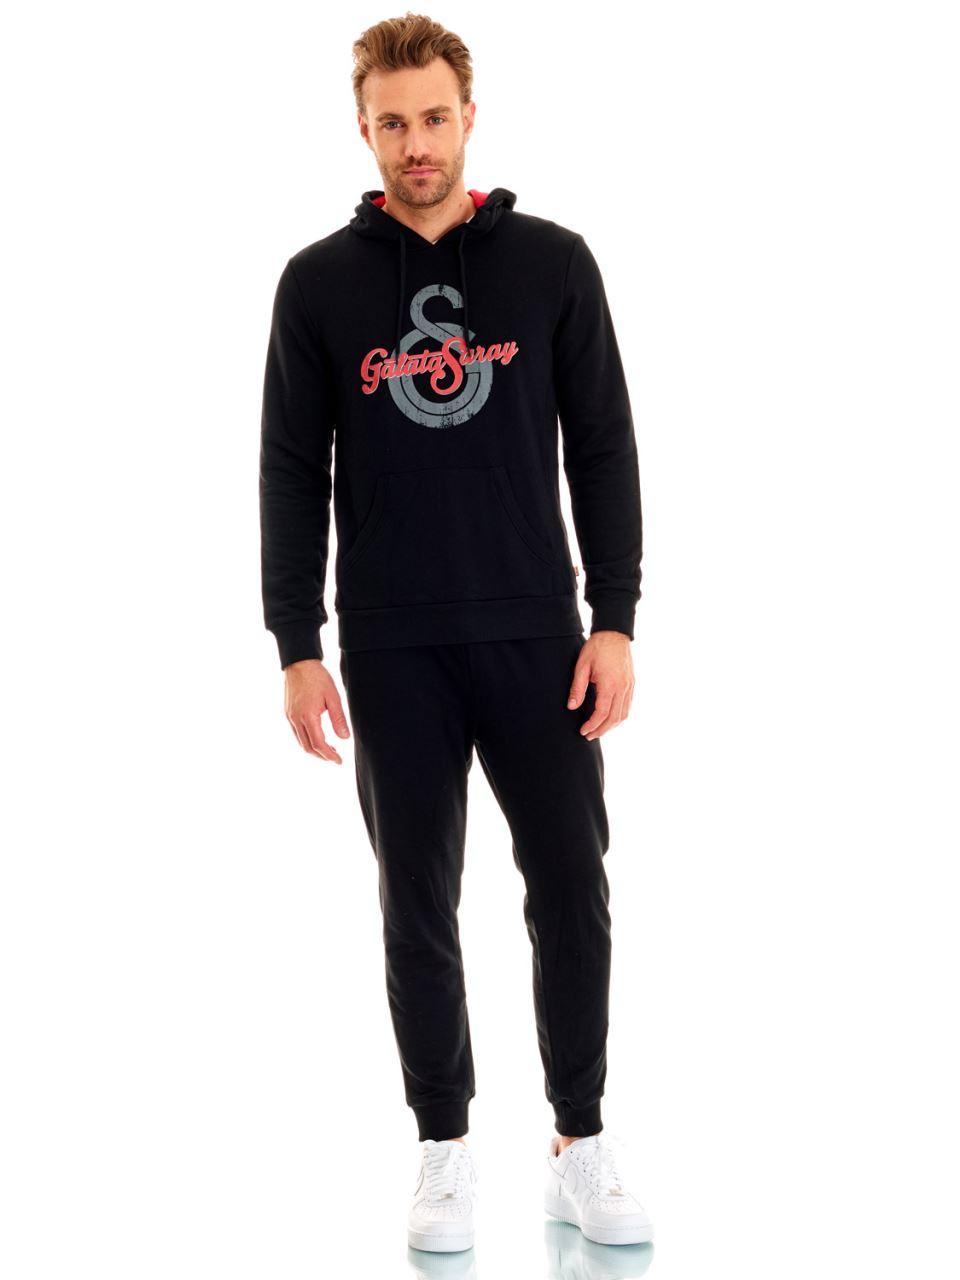 E95388 Sweatshirt